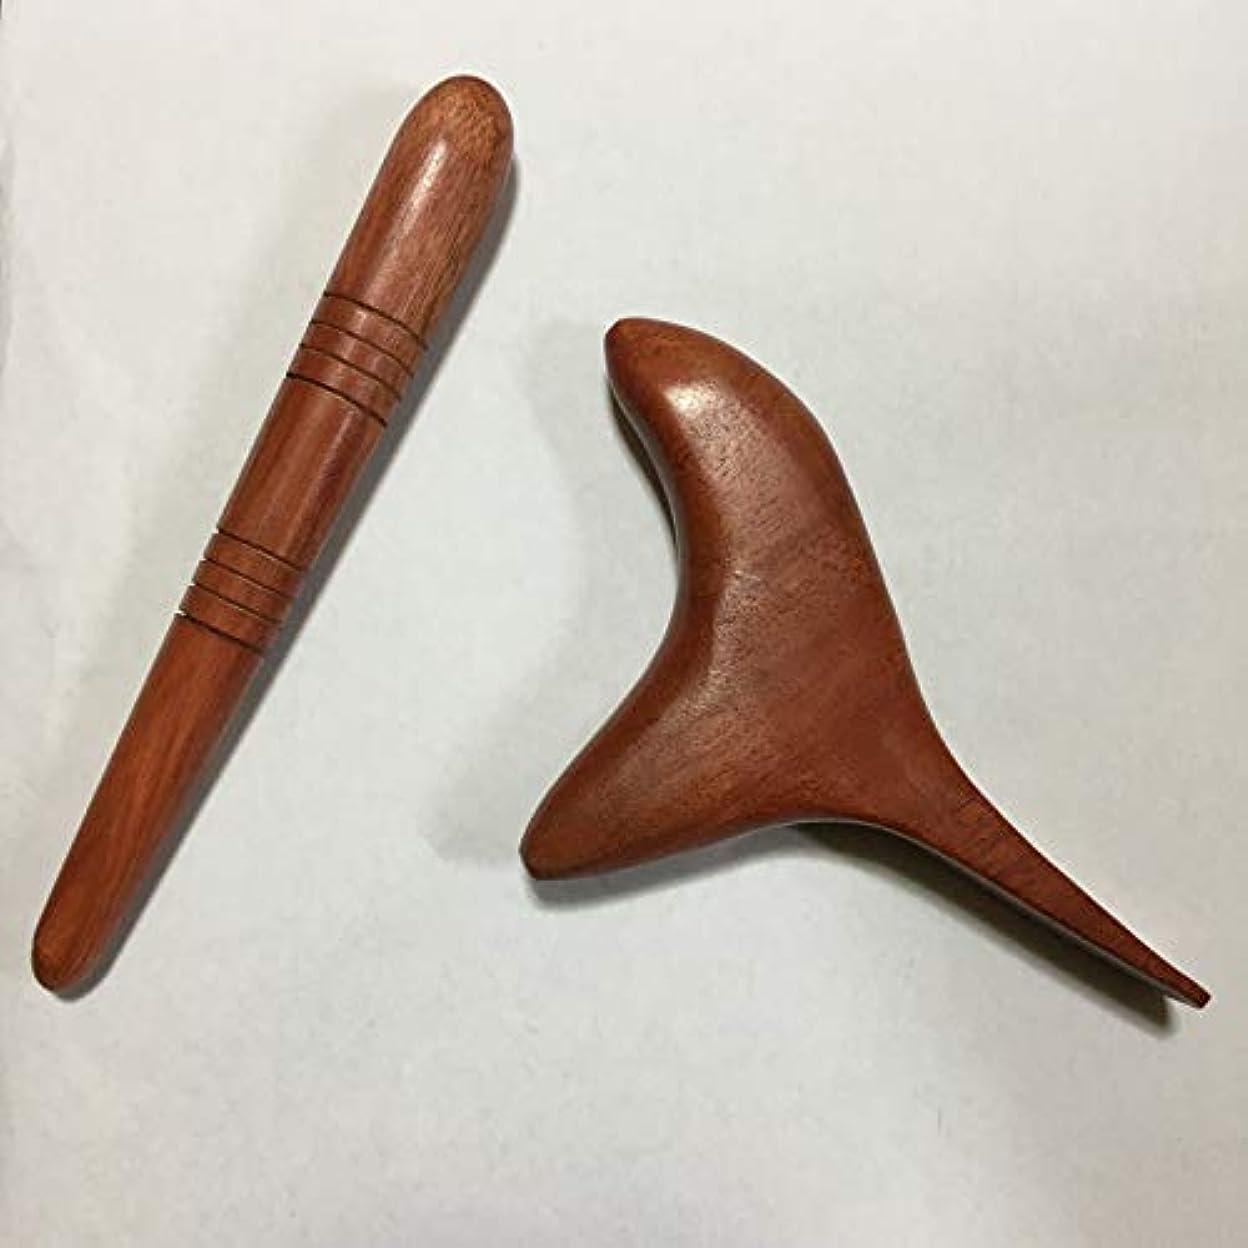 飾り羽アーカイブ必須天然木 オカリナ型 (鳥型)ツボ押し棒 + 棒型 2点セット マッサージ棒 フットマッサージ リフレクソロジー セルフマッサージ (1)